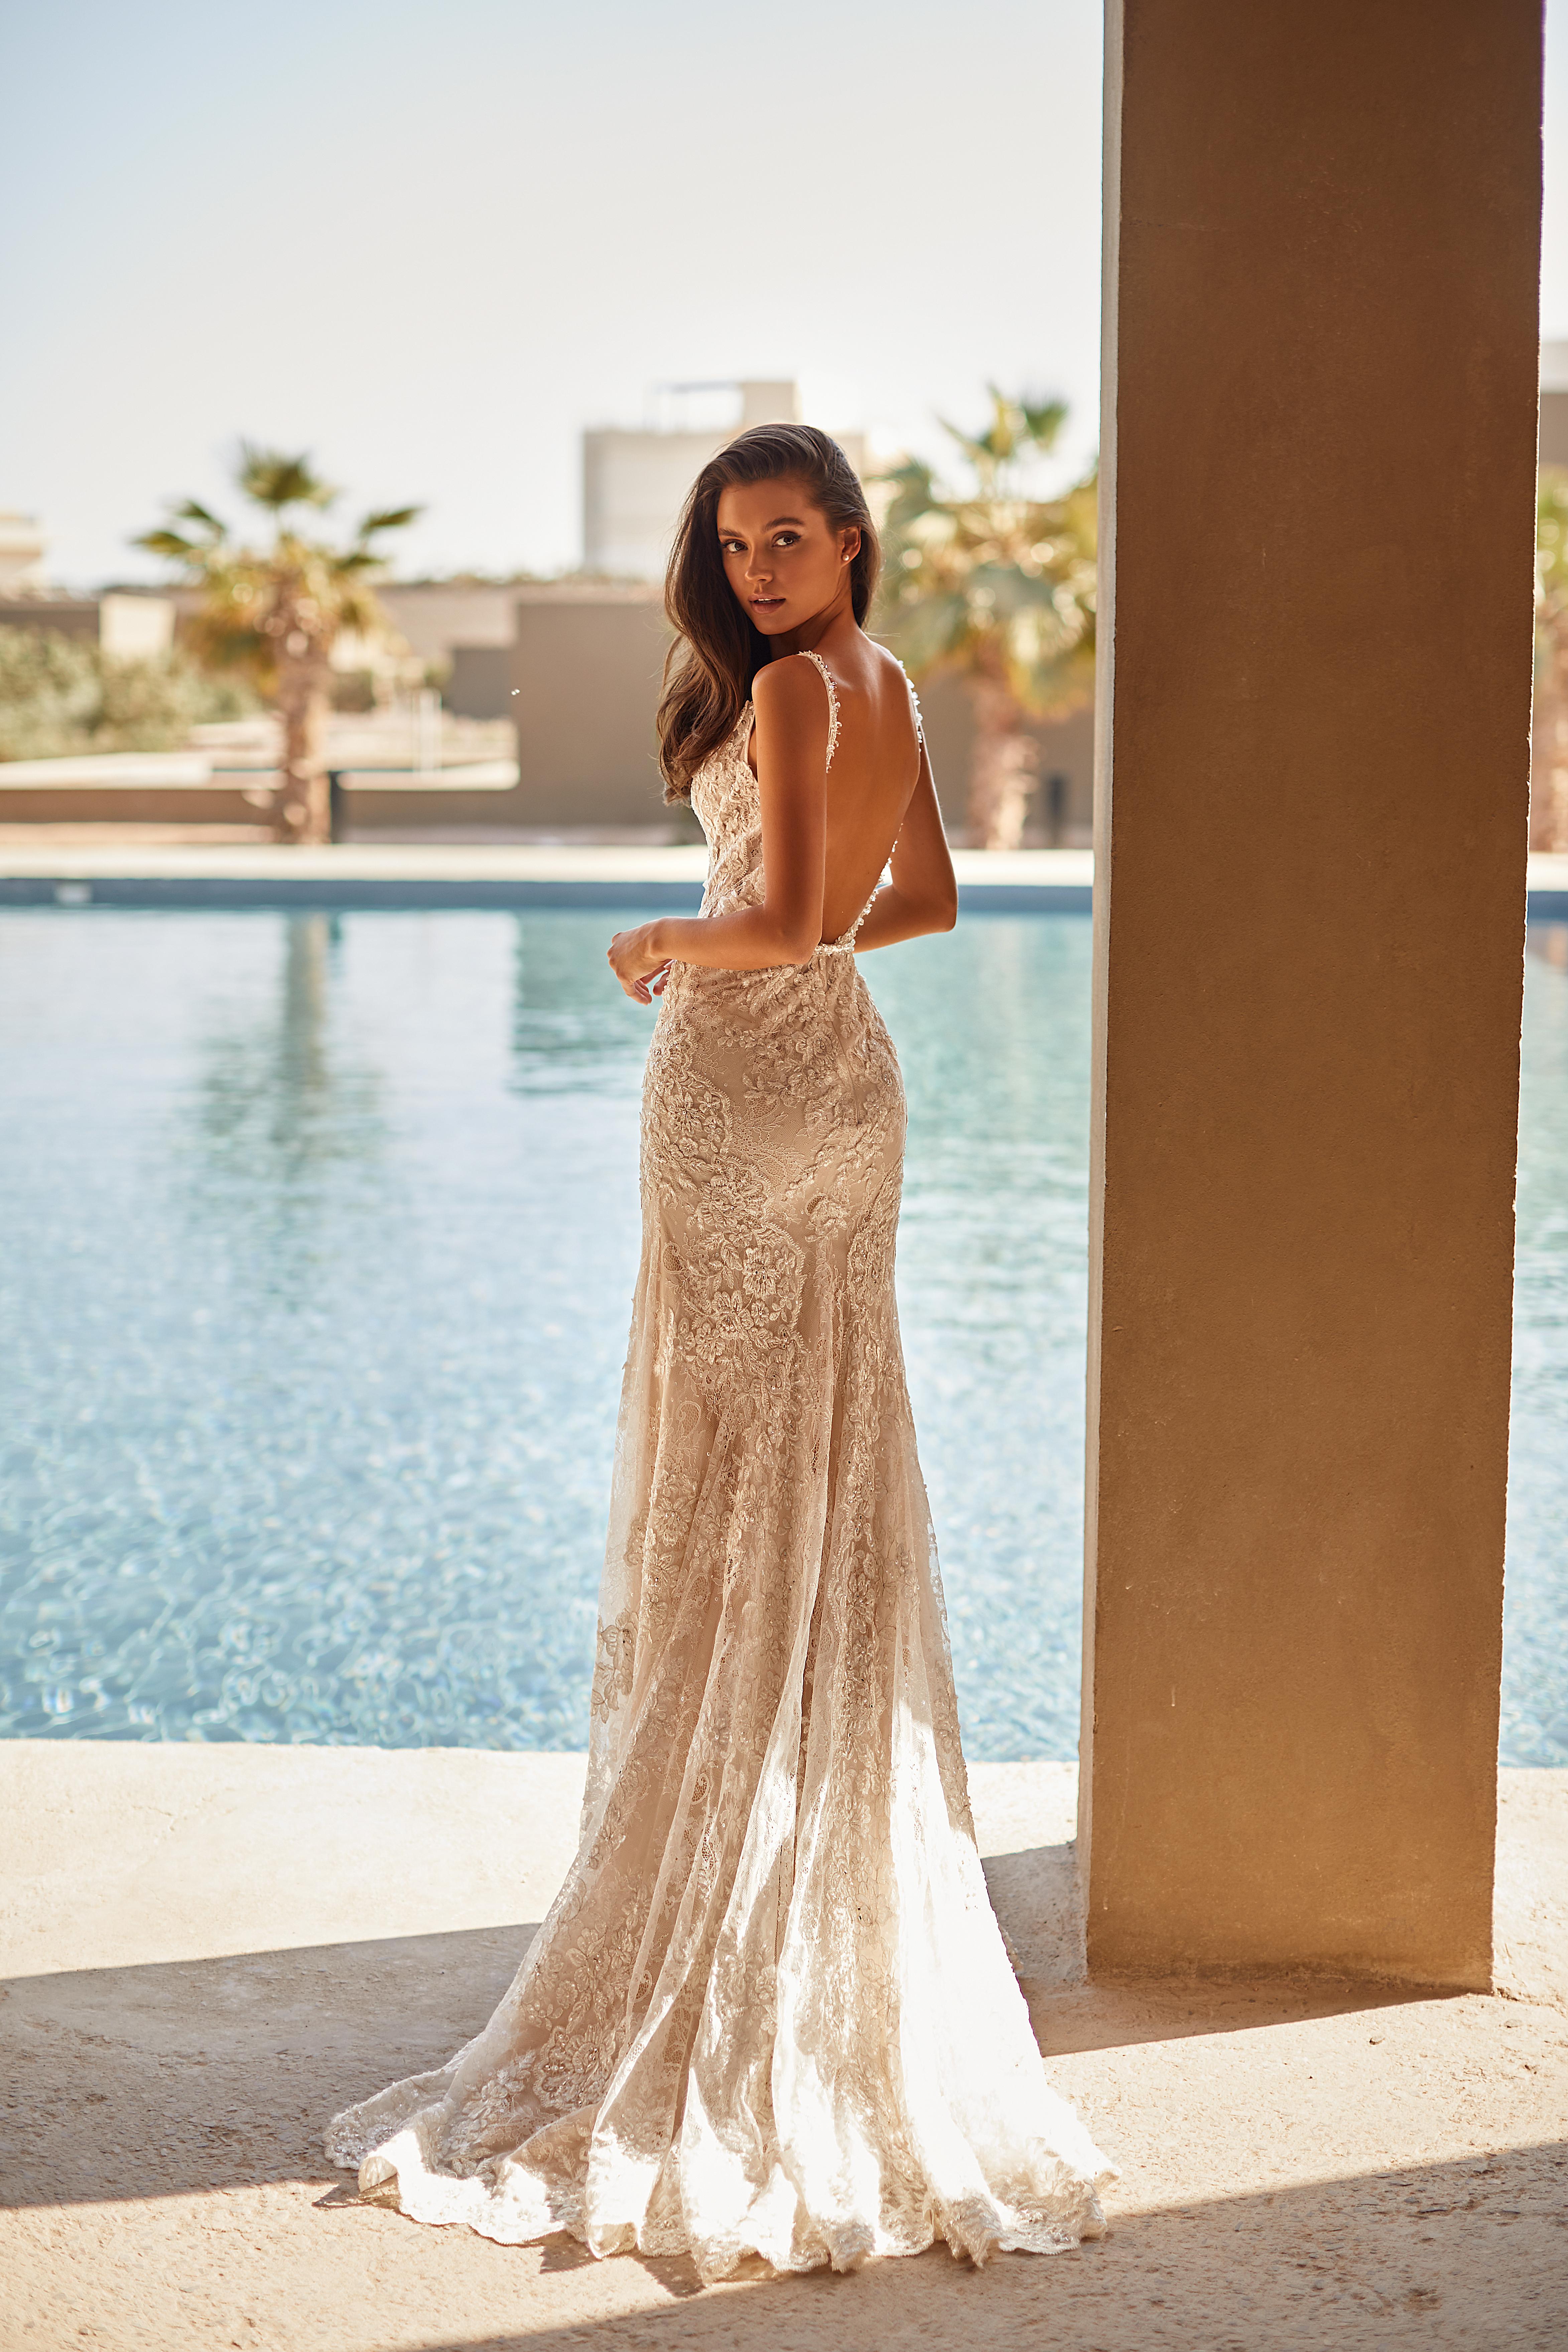 Rochie De Mireasa 2021 Lorenzo Rossi – Model Kristina